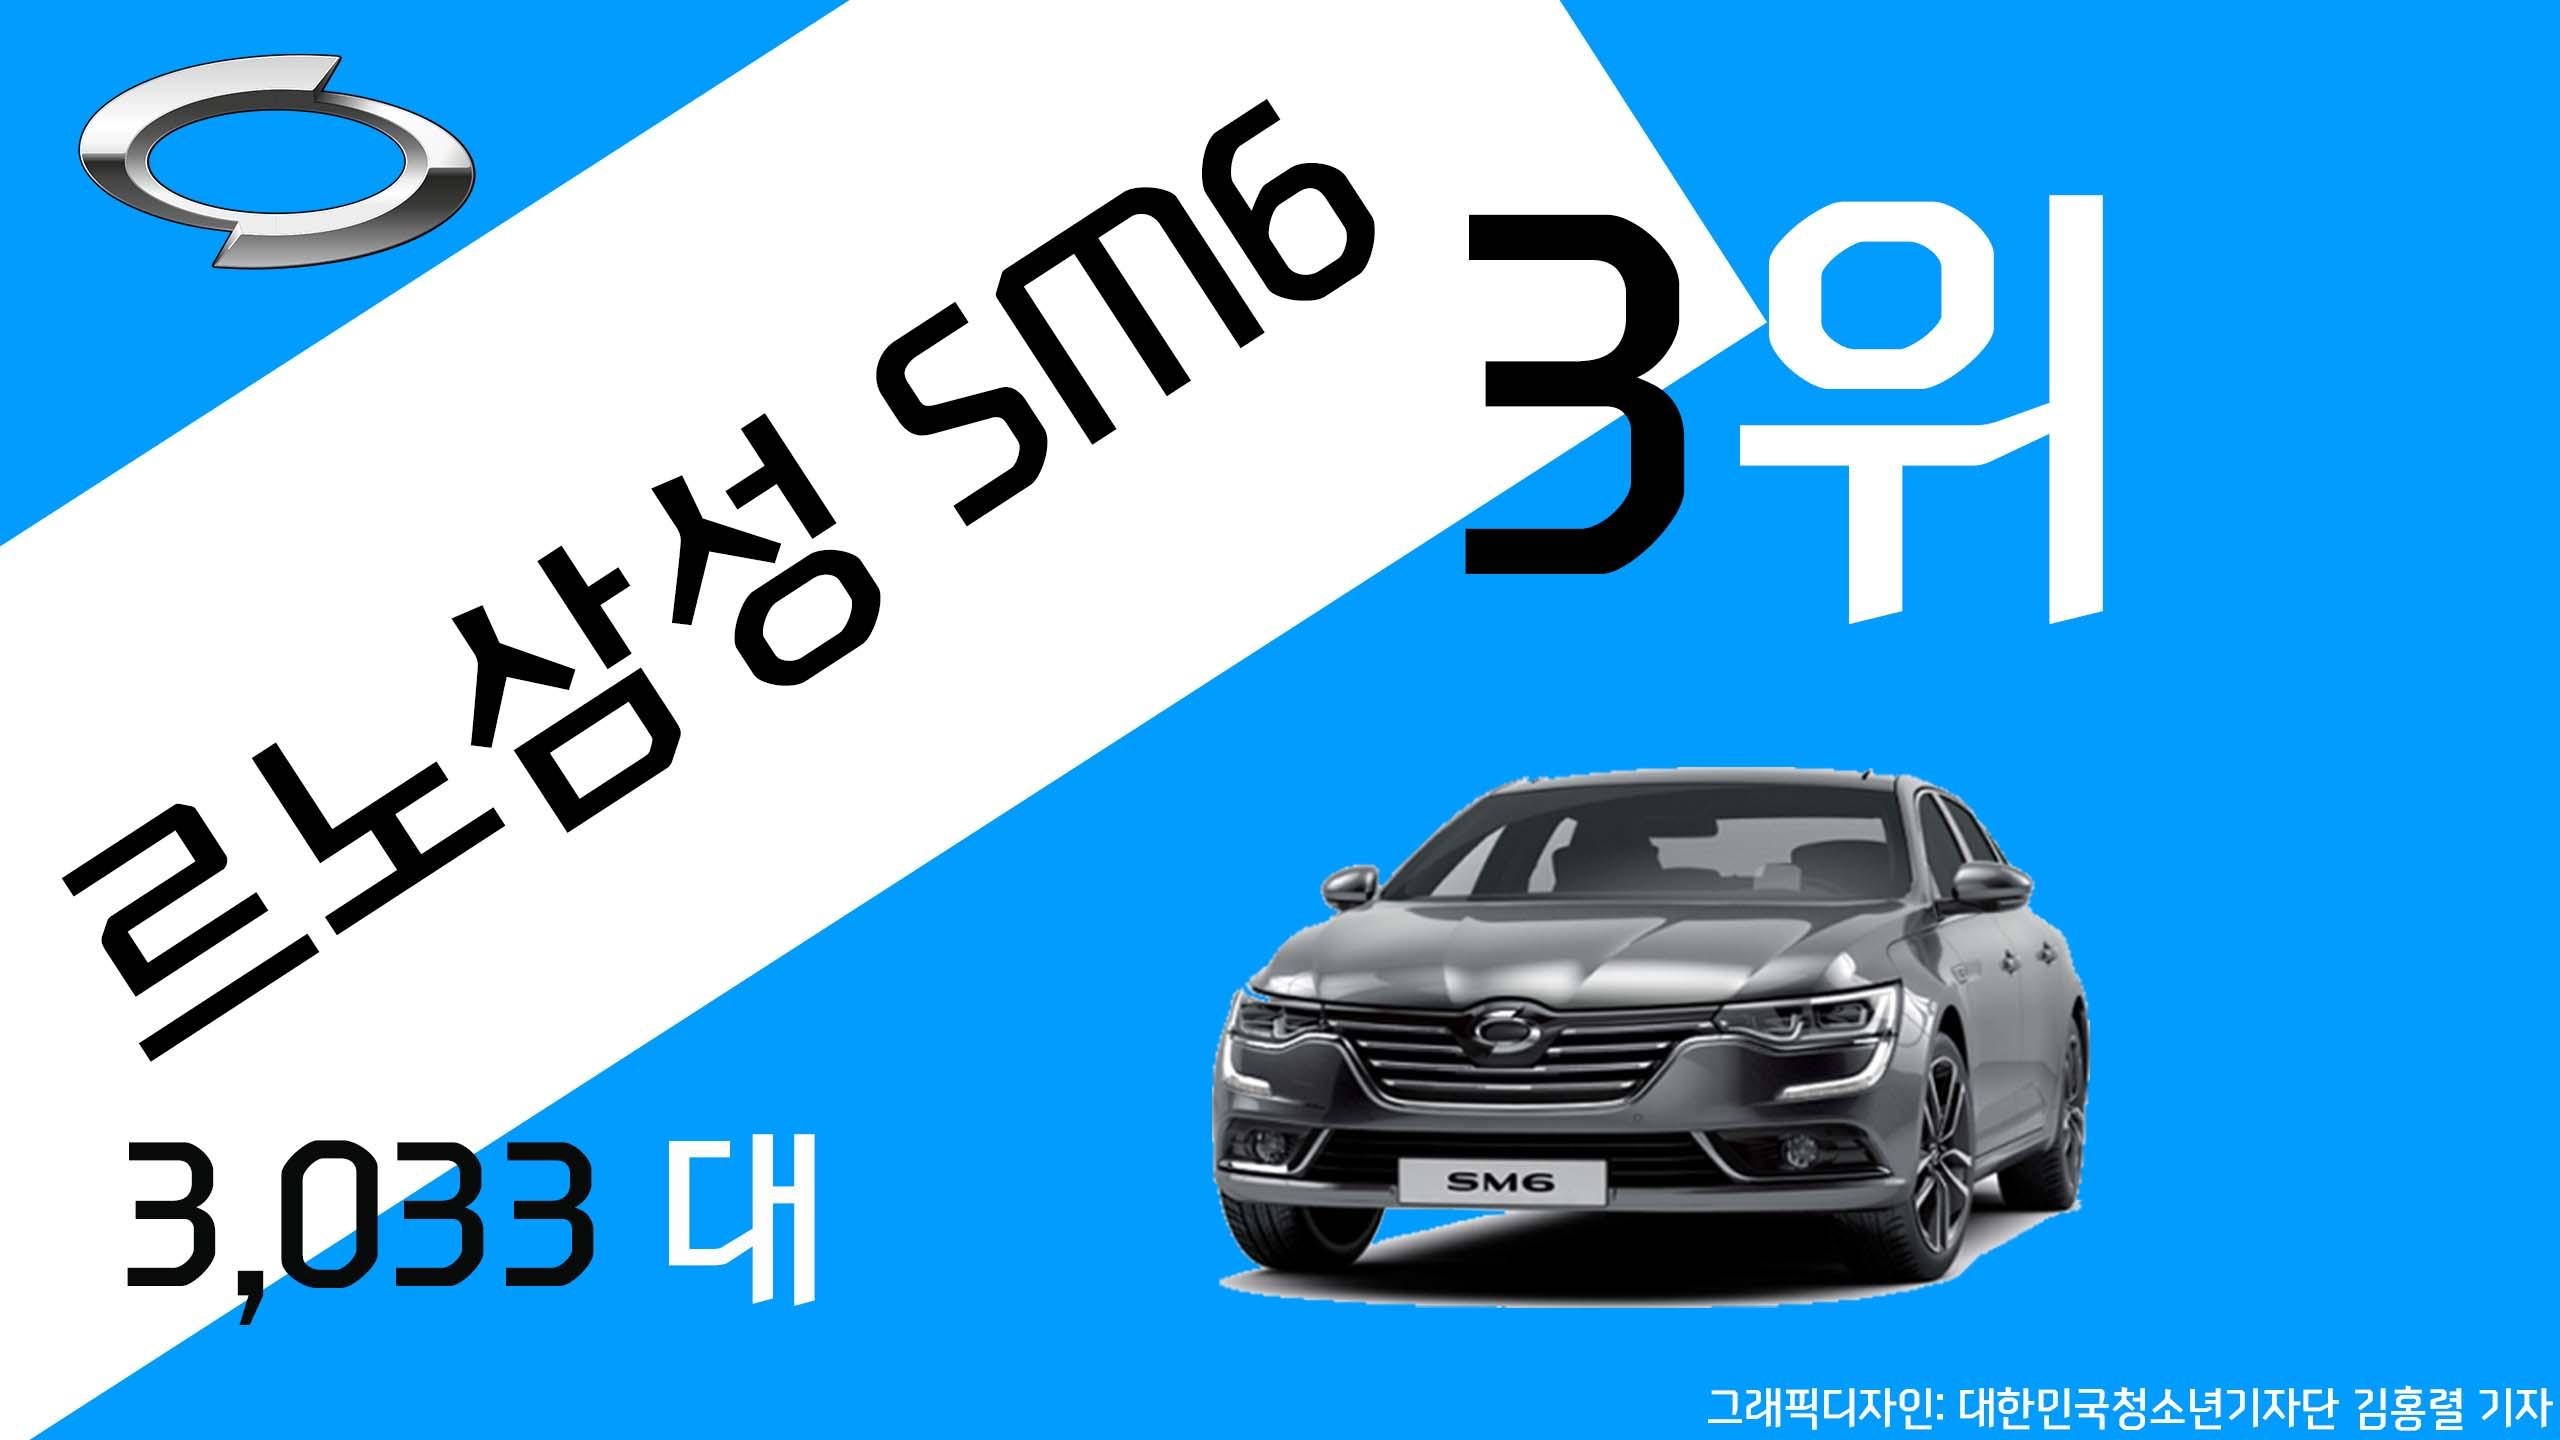 SM6.jpg